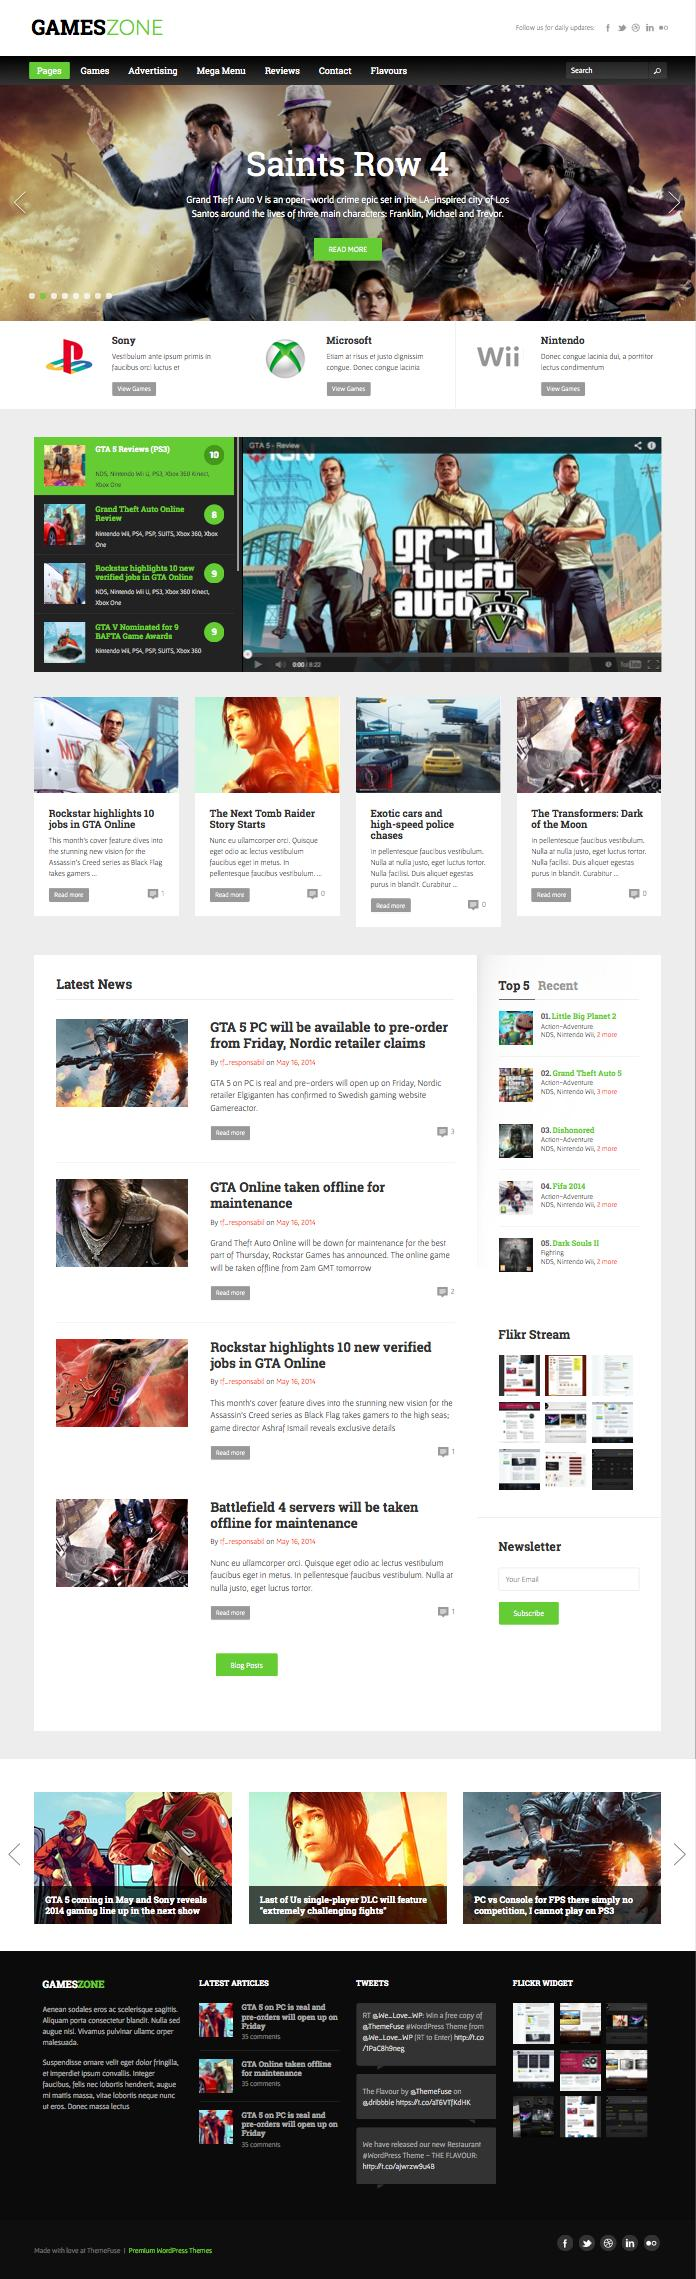 GamesZone WordPress Game Magazine Theme